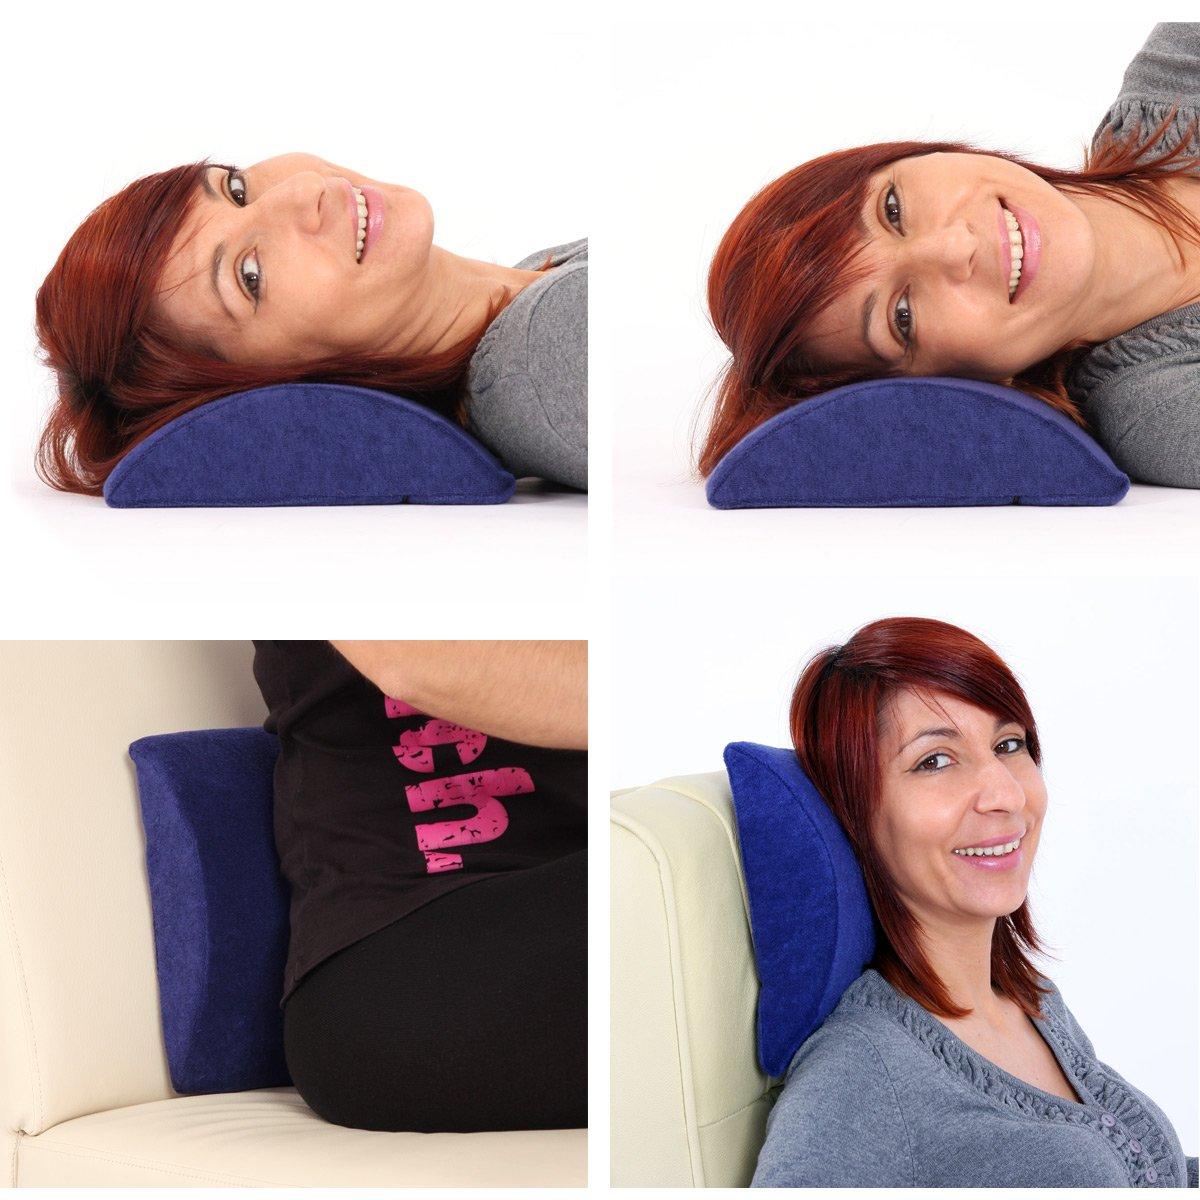 Almohada lumbar para sillas de oficina 27x23x7cm coj n for Cojin lumbar silla oficina